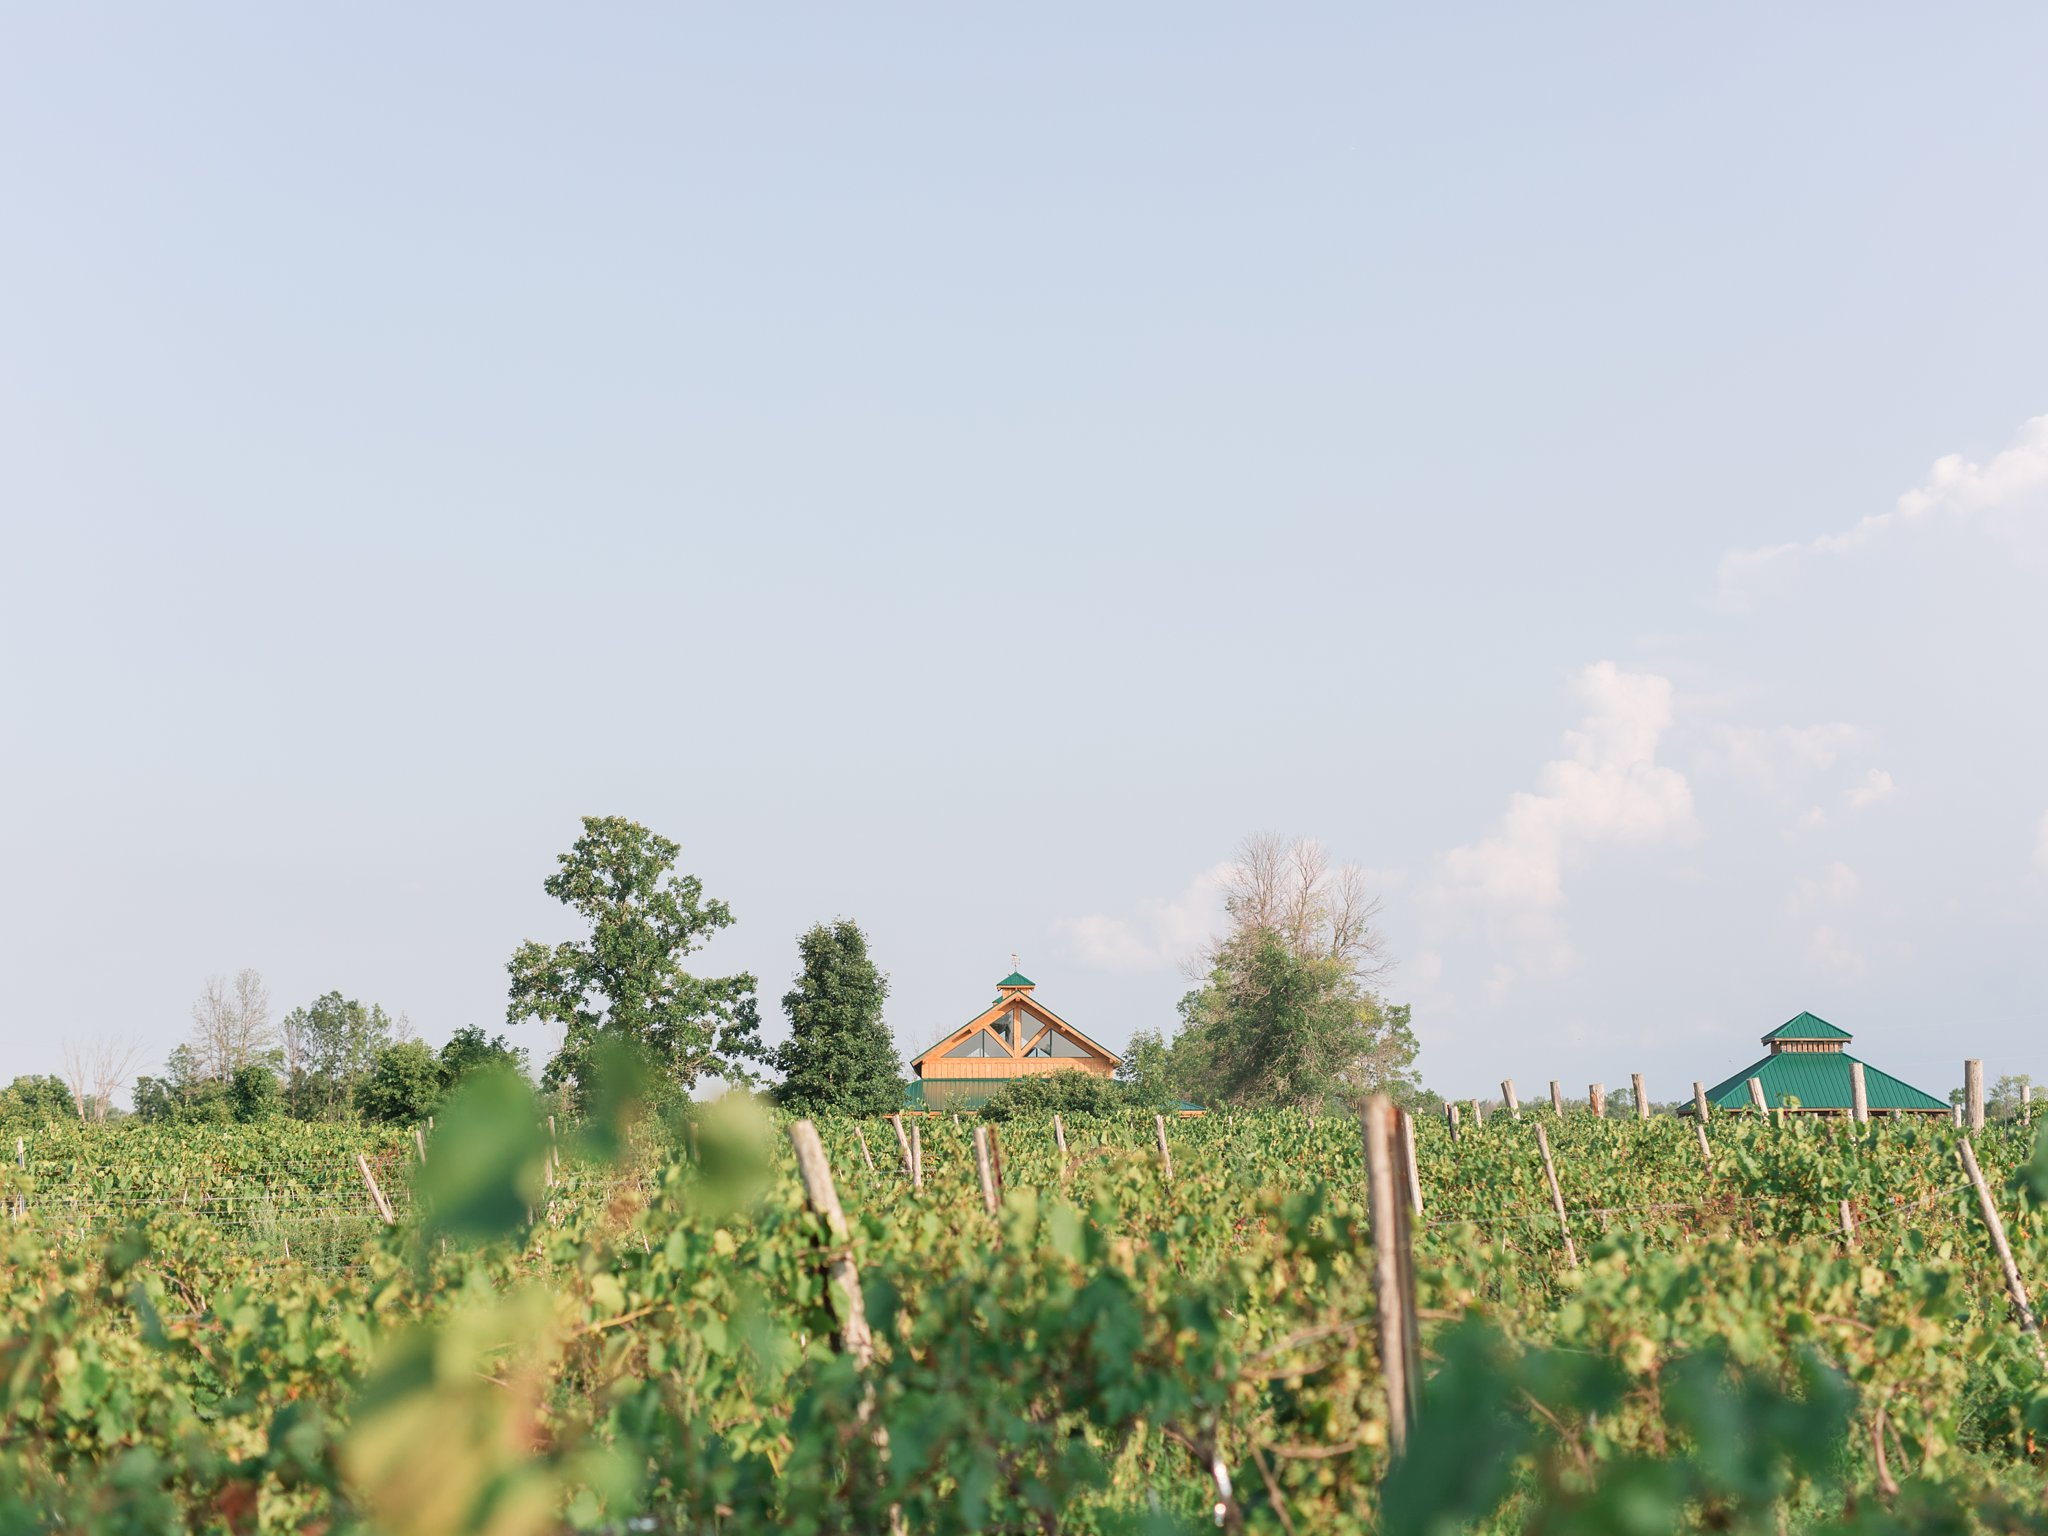 Field of grapes Vineyard wedding at Jabulani Amy Pinder Photography